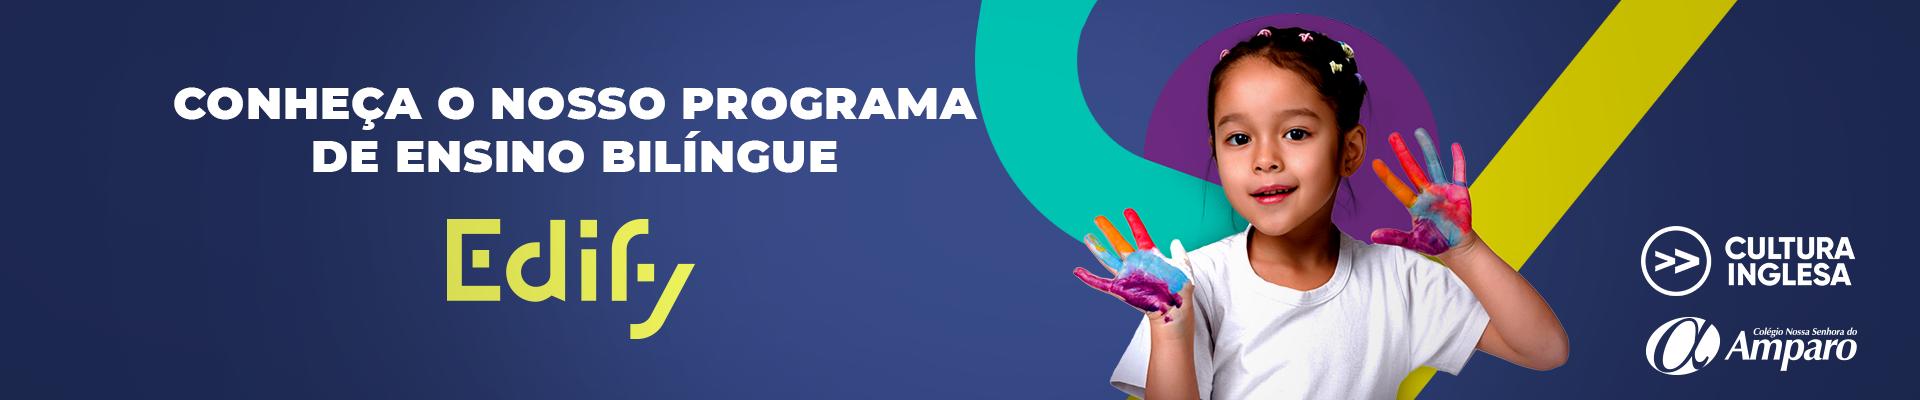 Conheça o Nosso Programa de Ensino Bilíngue!